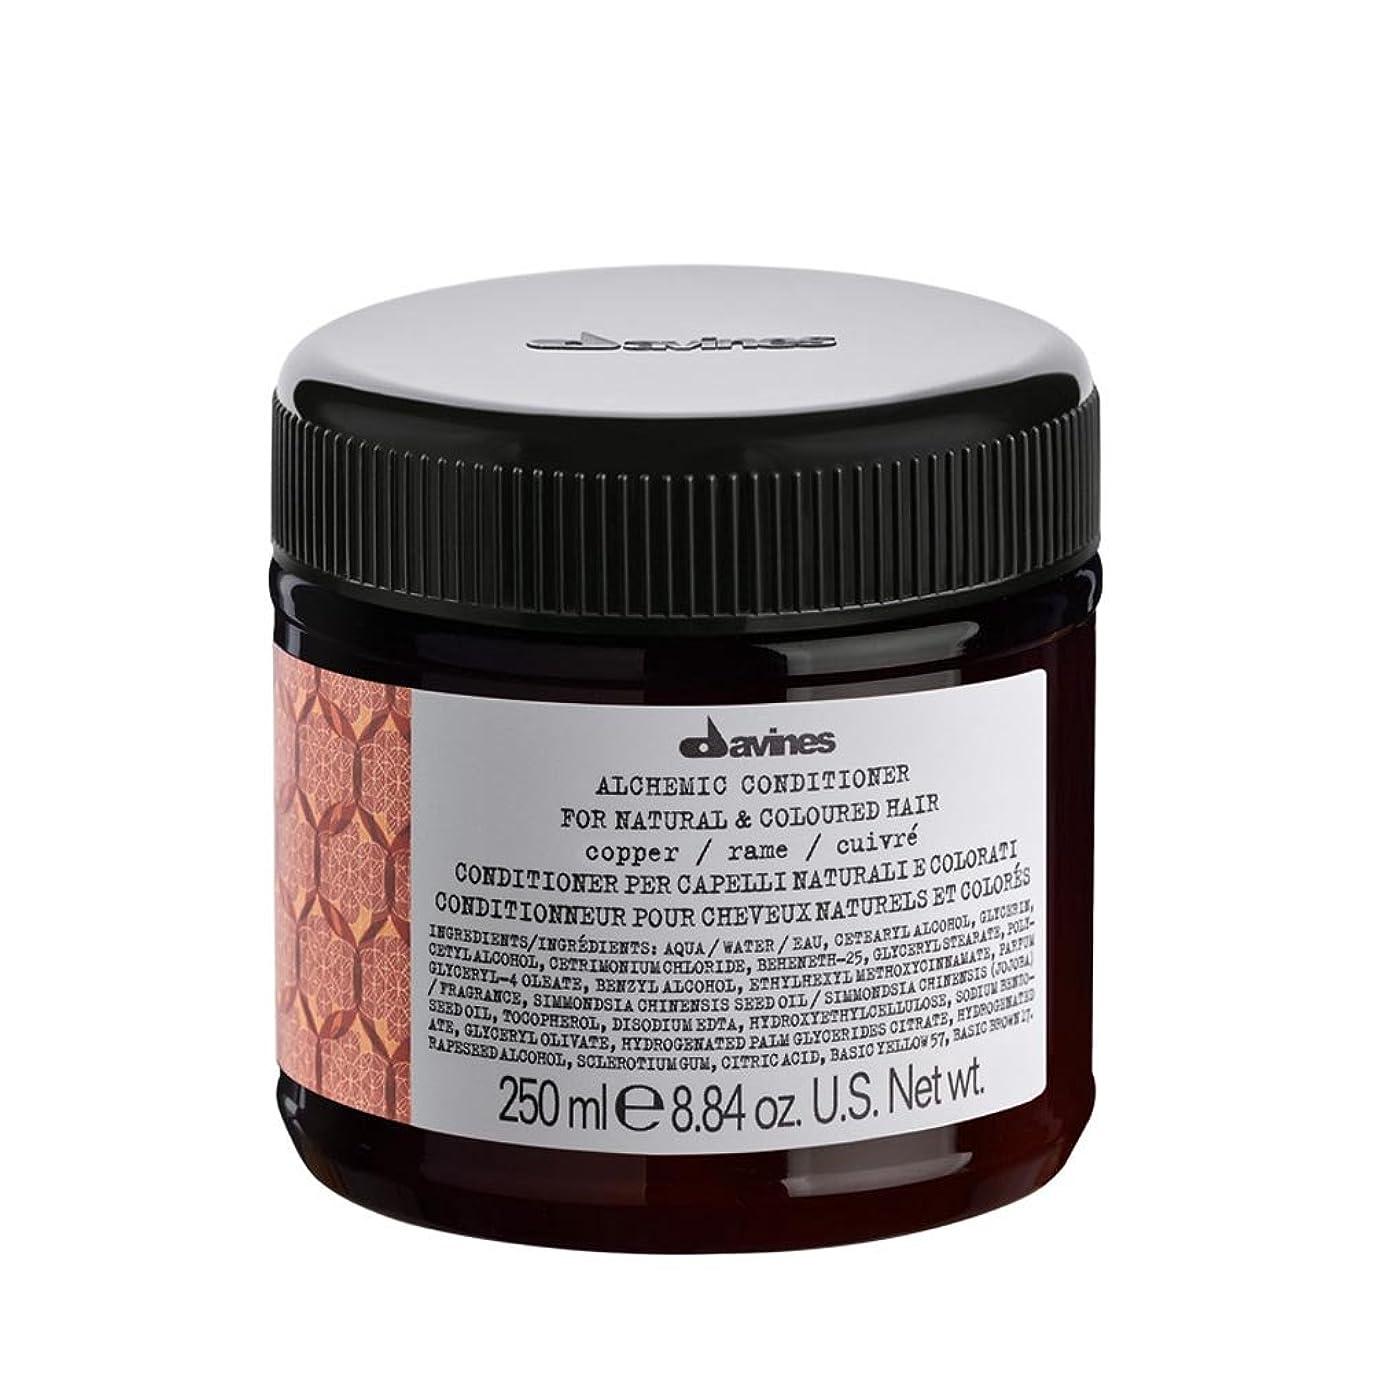 ダヴィネス Alchemic Conditioner - # Copper (For Natural & Coloured Hair) 250ml/8.84oz並行輸入品